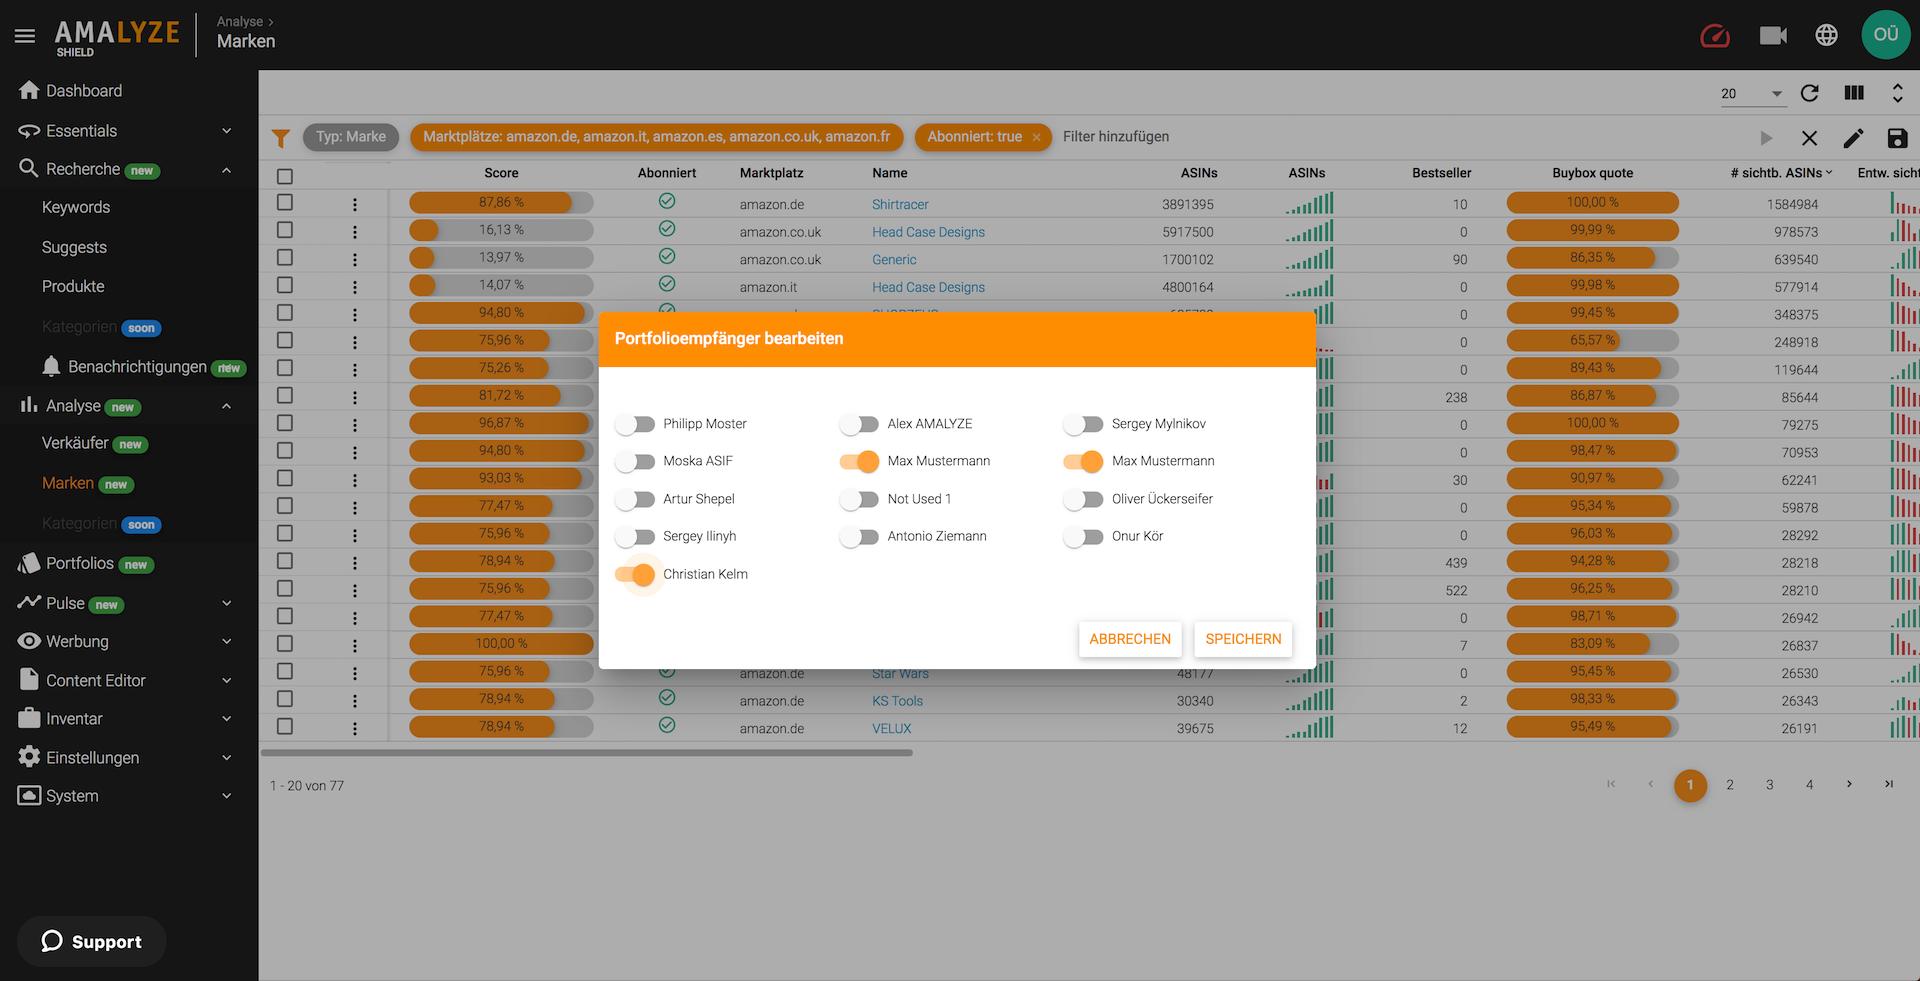 Amazon Tool AMALYZE Shield_Seller und Markenanalyse Empfänger hinzufügen oder abbestellen